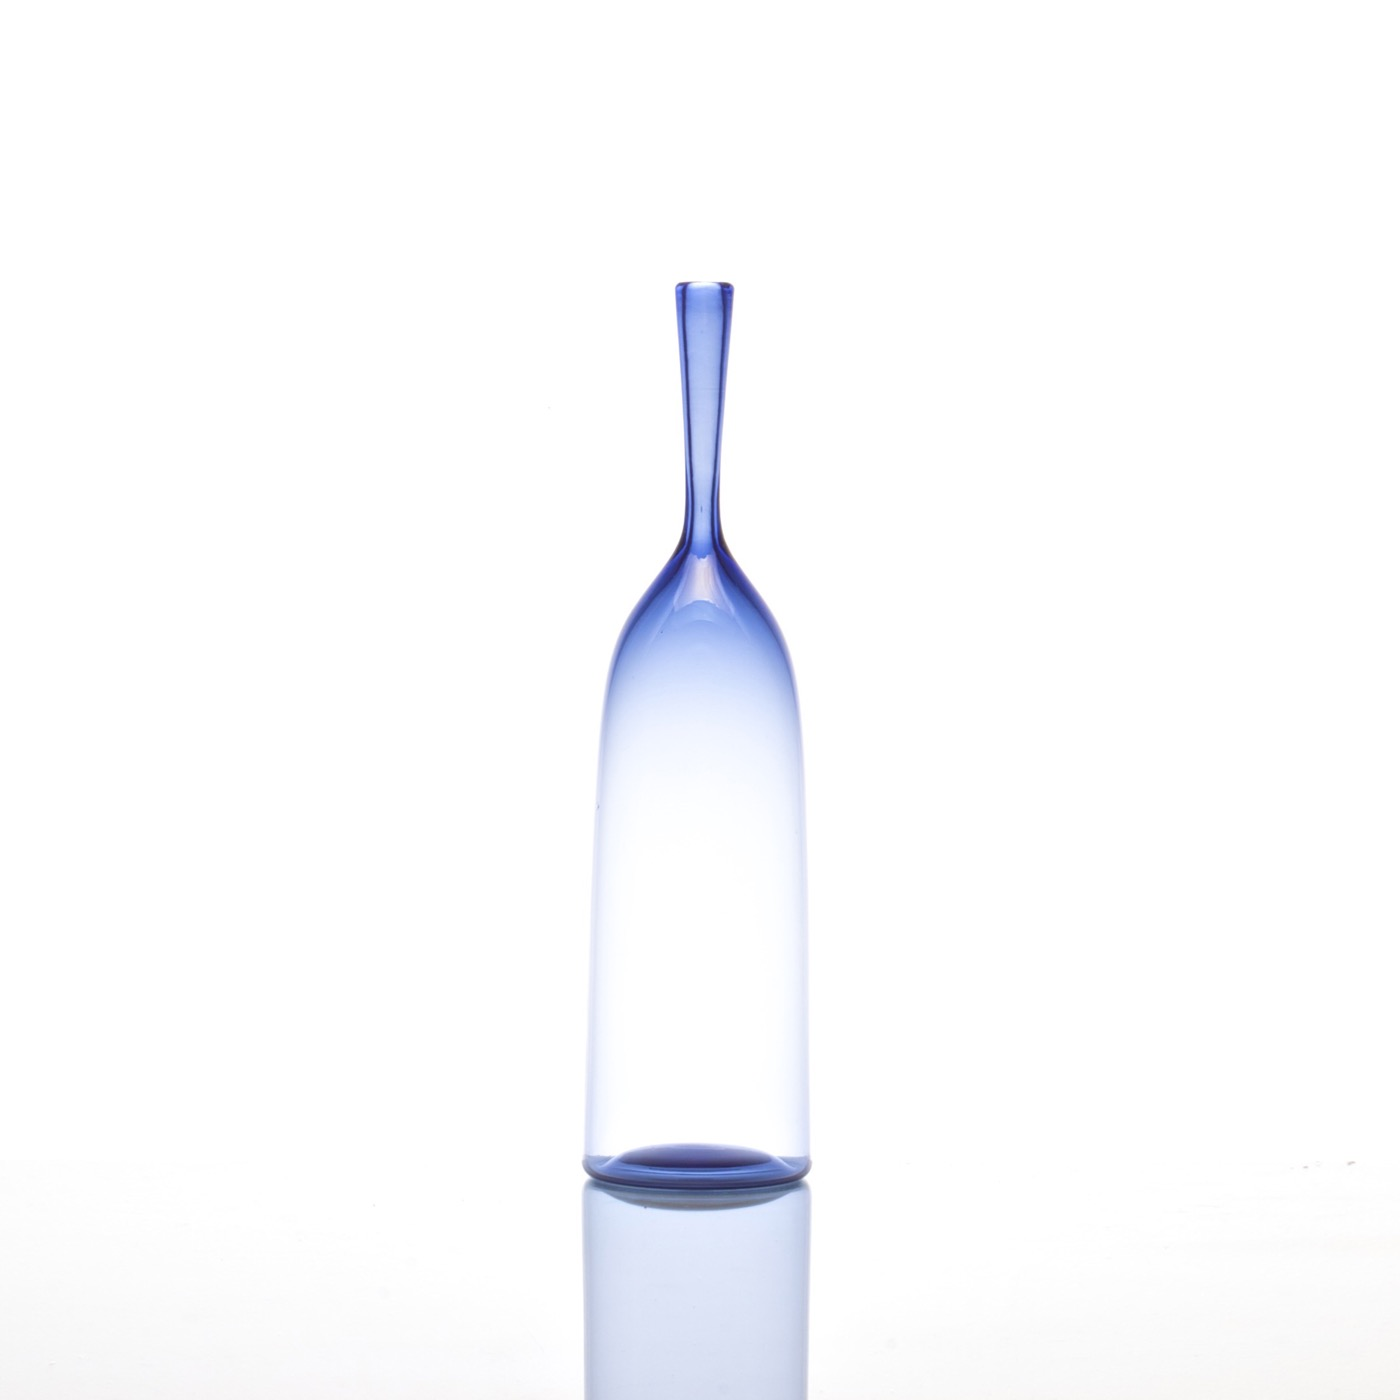 Hues Glass Bottle Vases | Sky